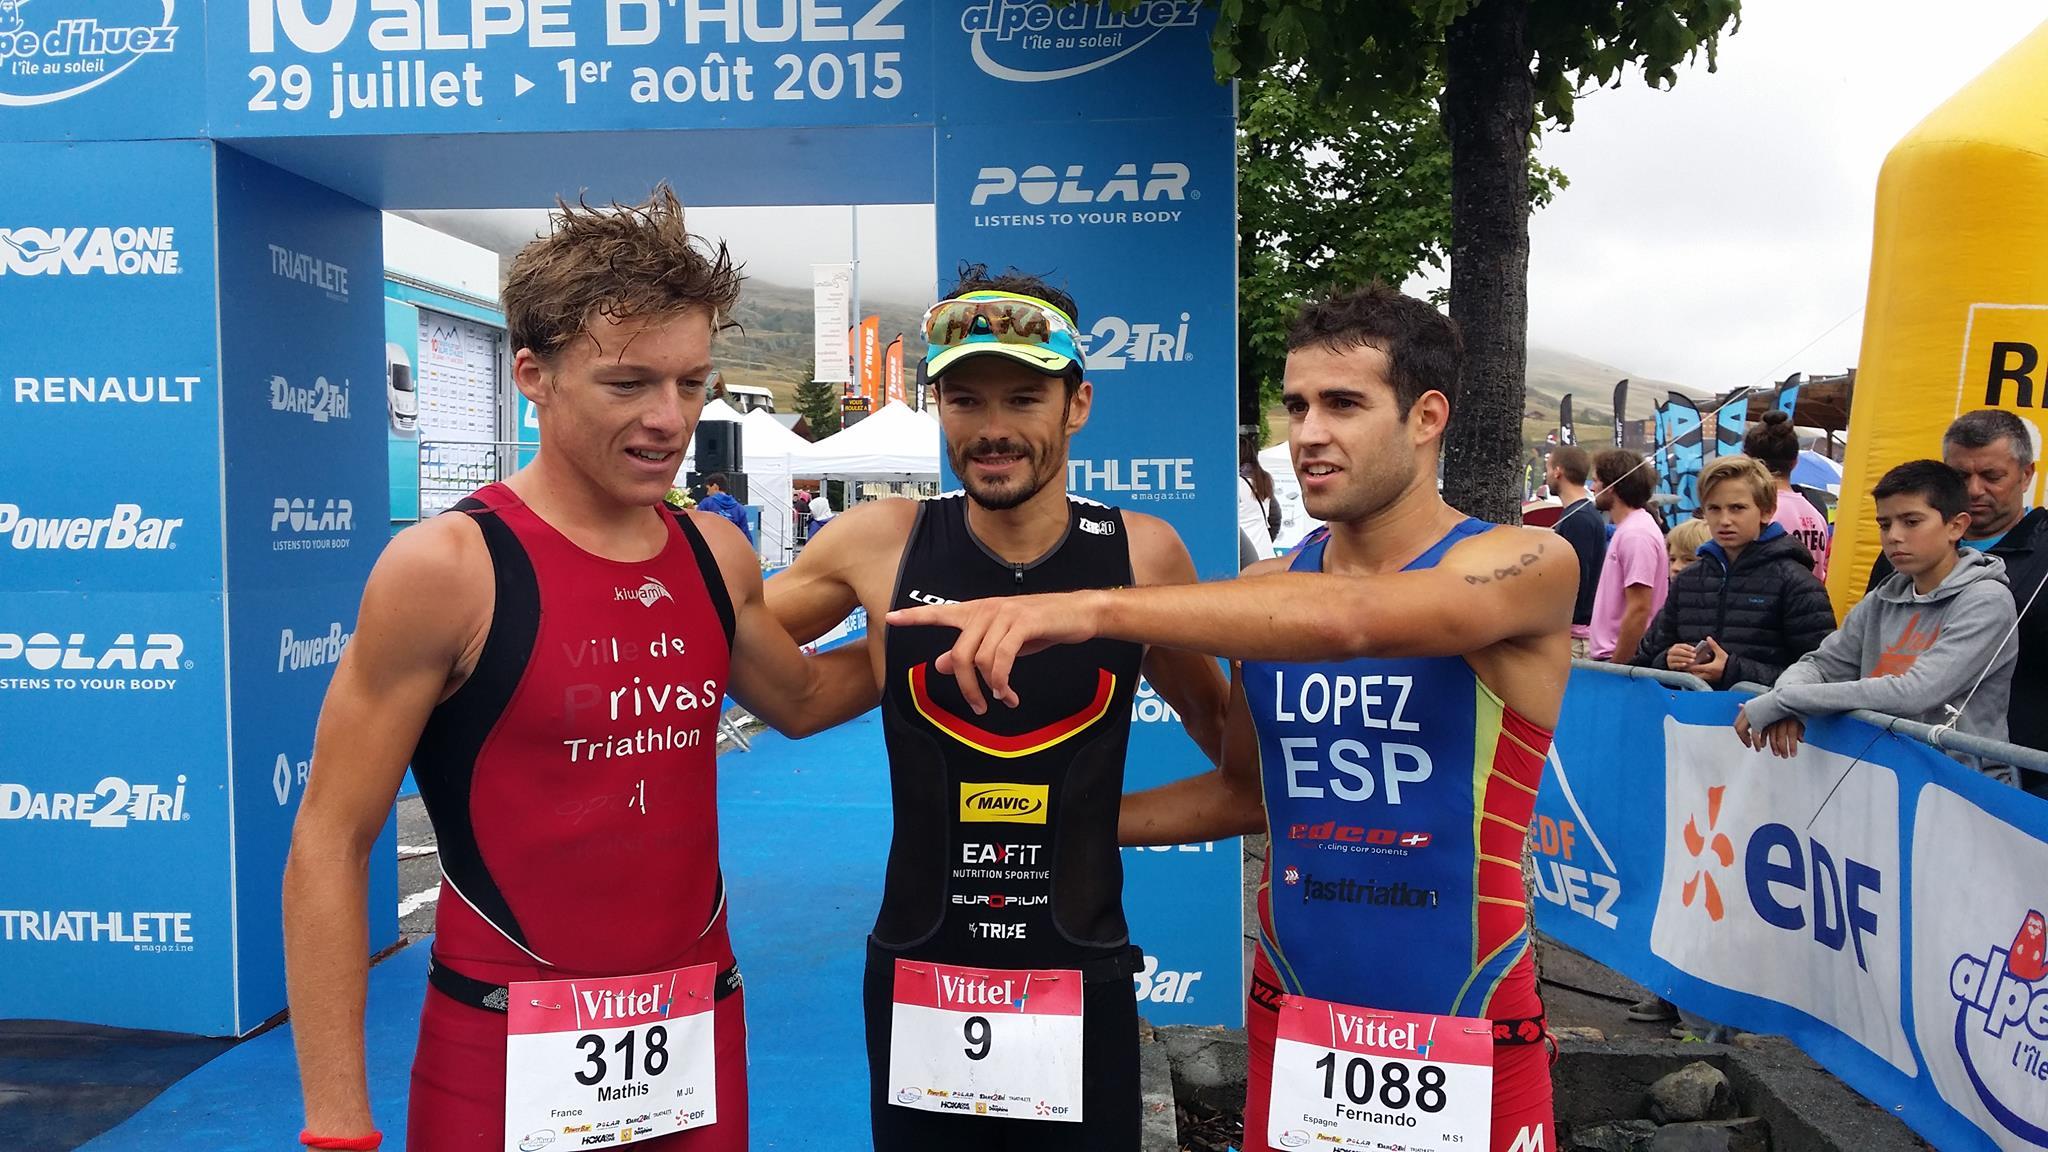 Veramme opnieuw top-10 op Alpe d'Huez